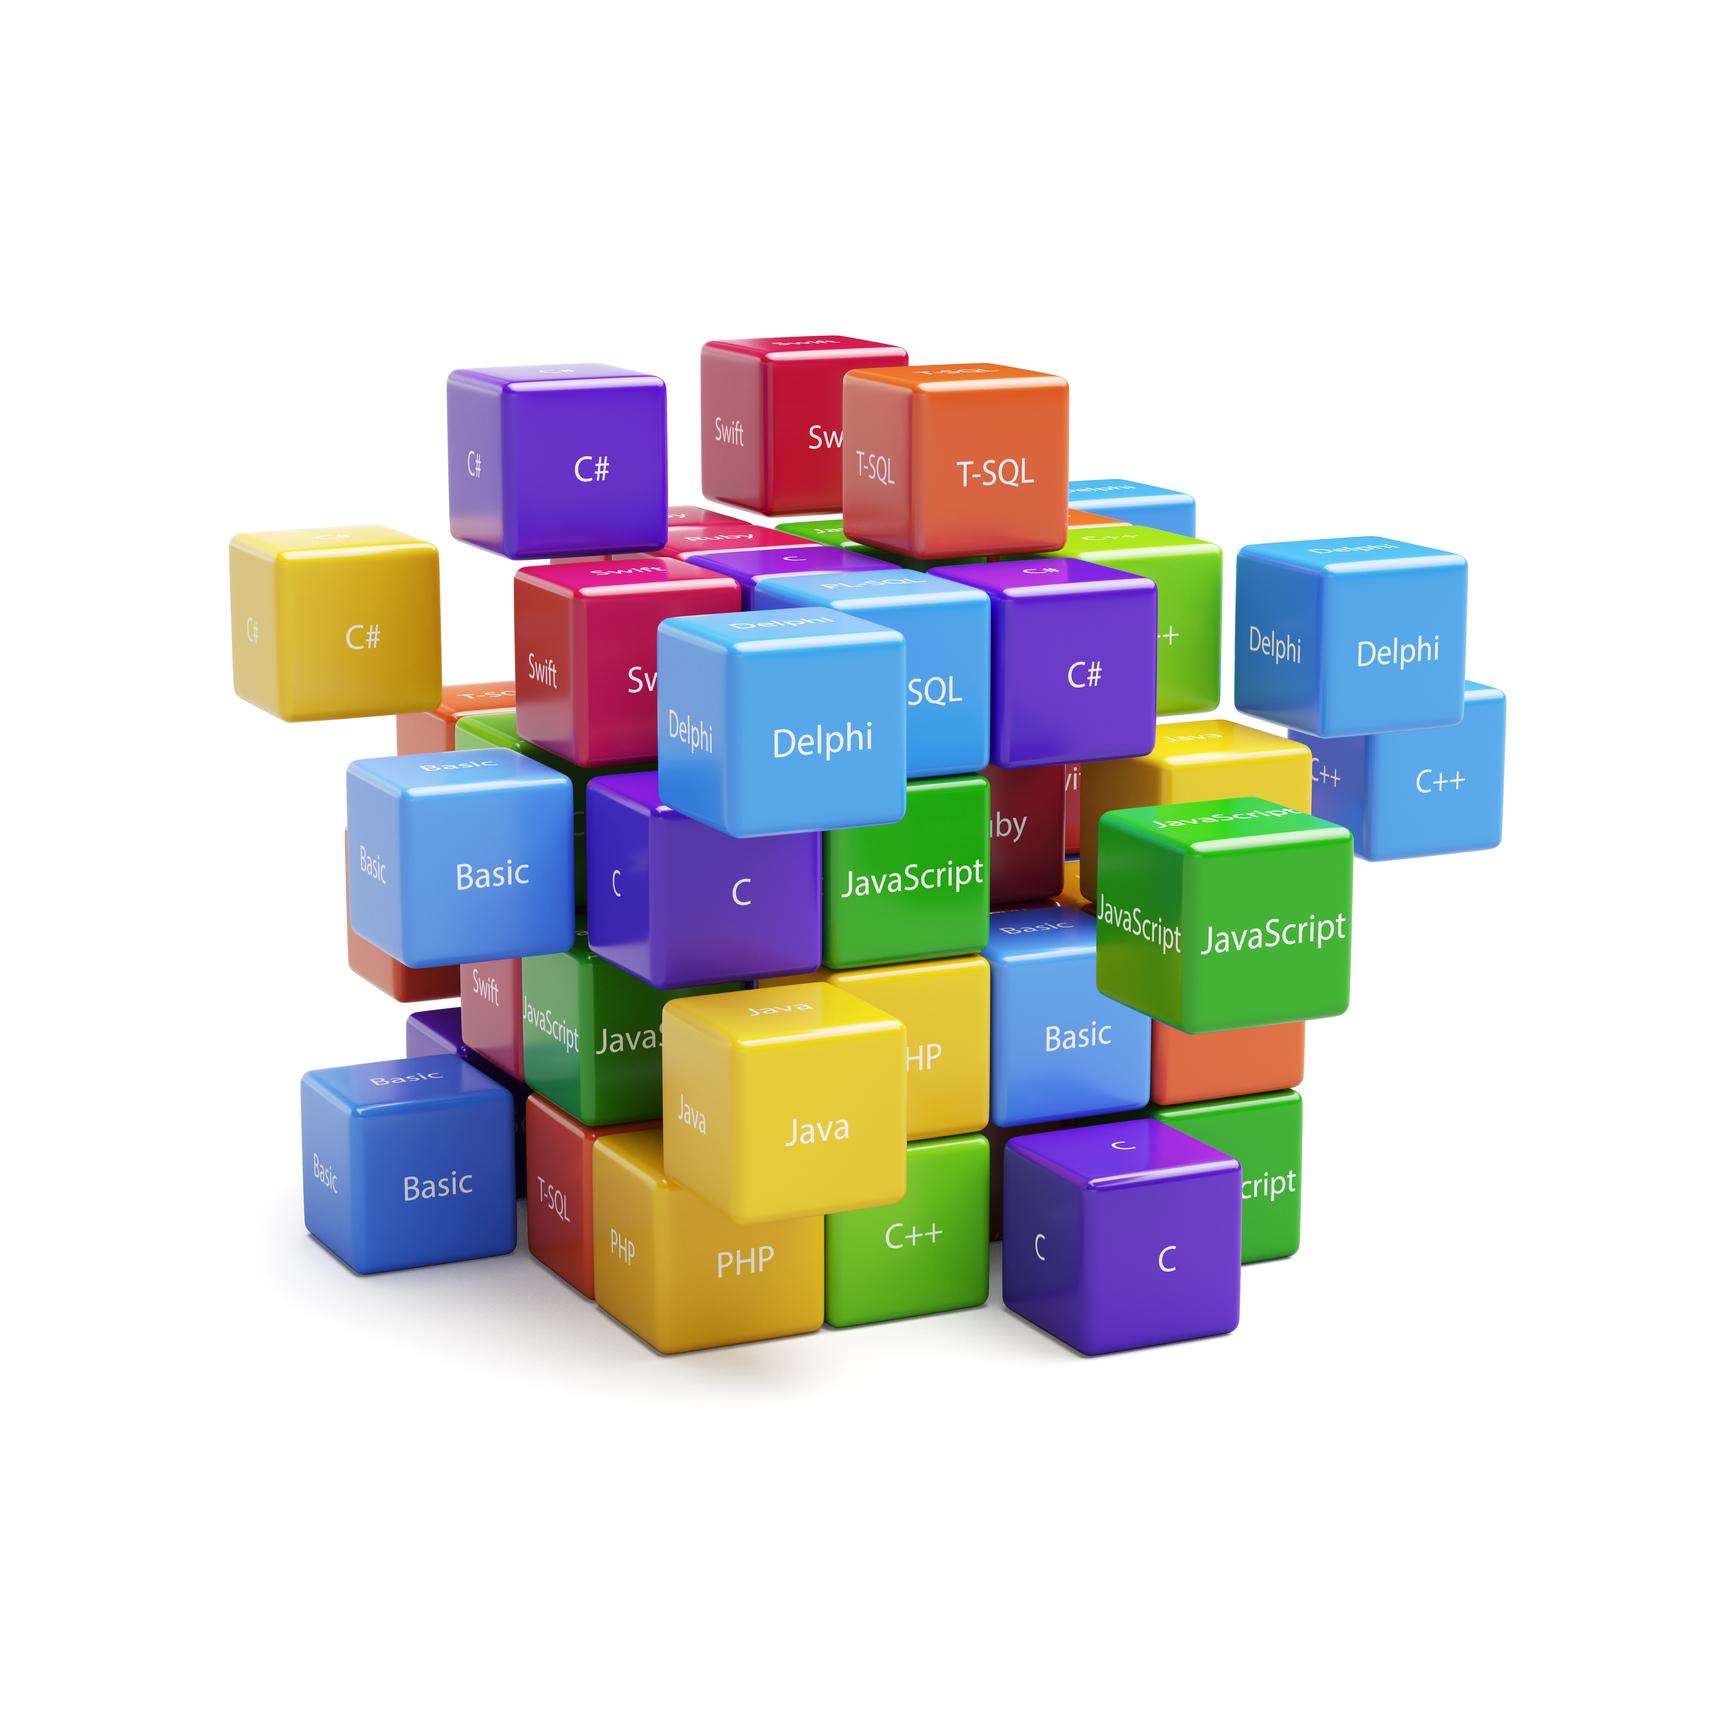 Blocks displaying the names of programming languages